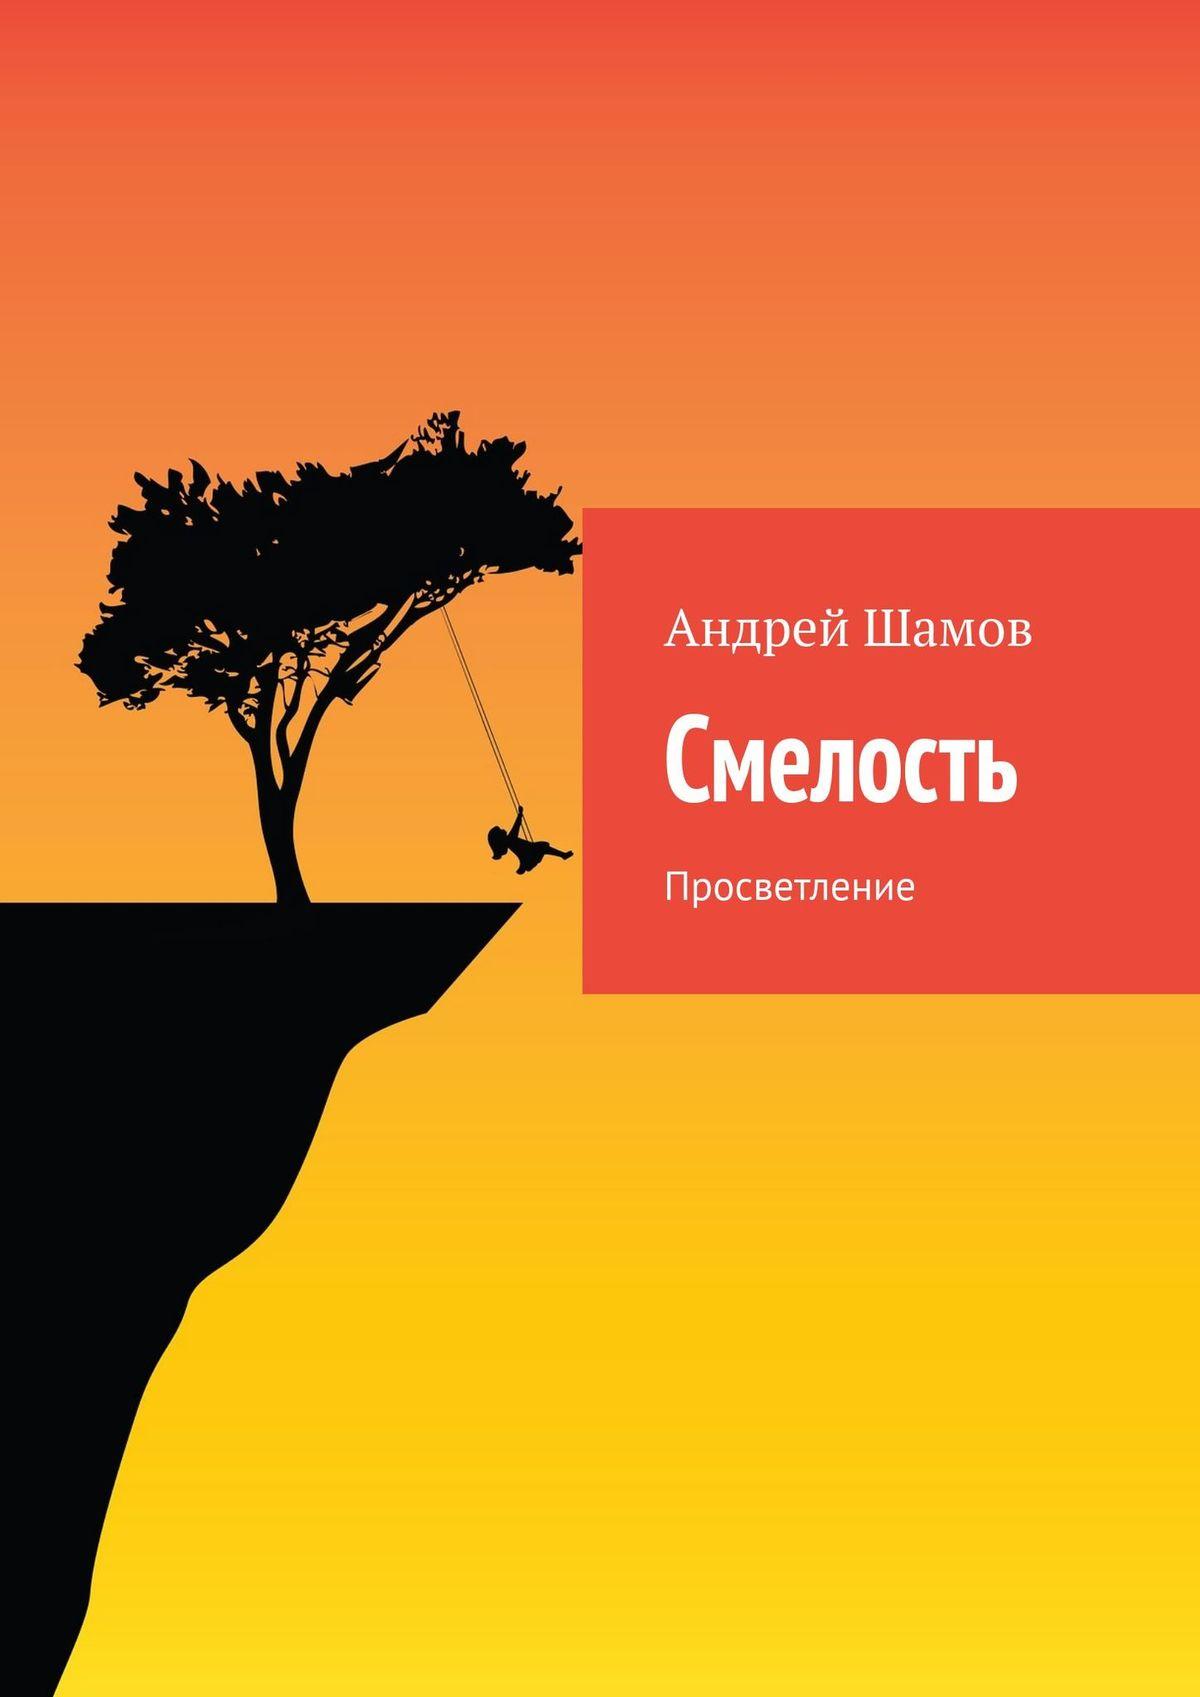 Андрей Юрьевич Шамов Смелость. Просветление